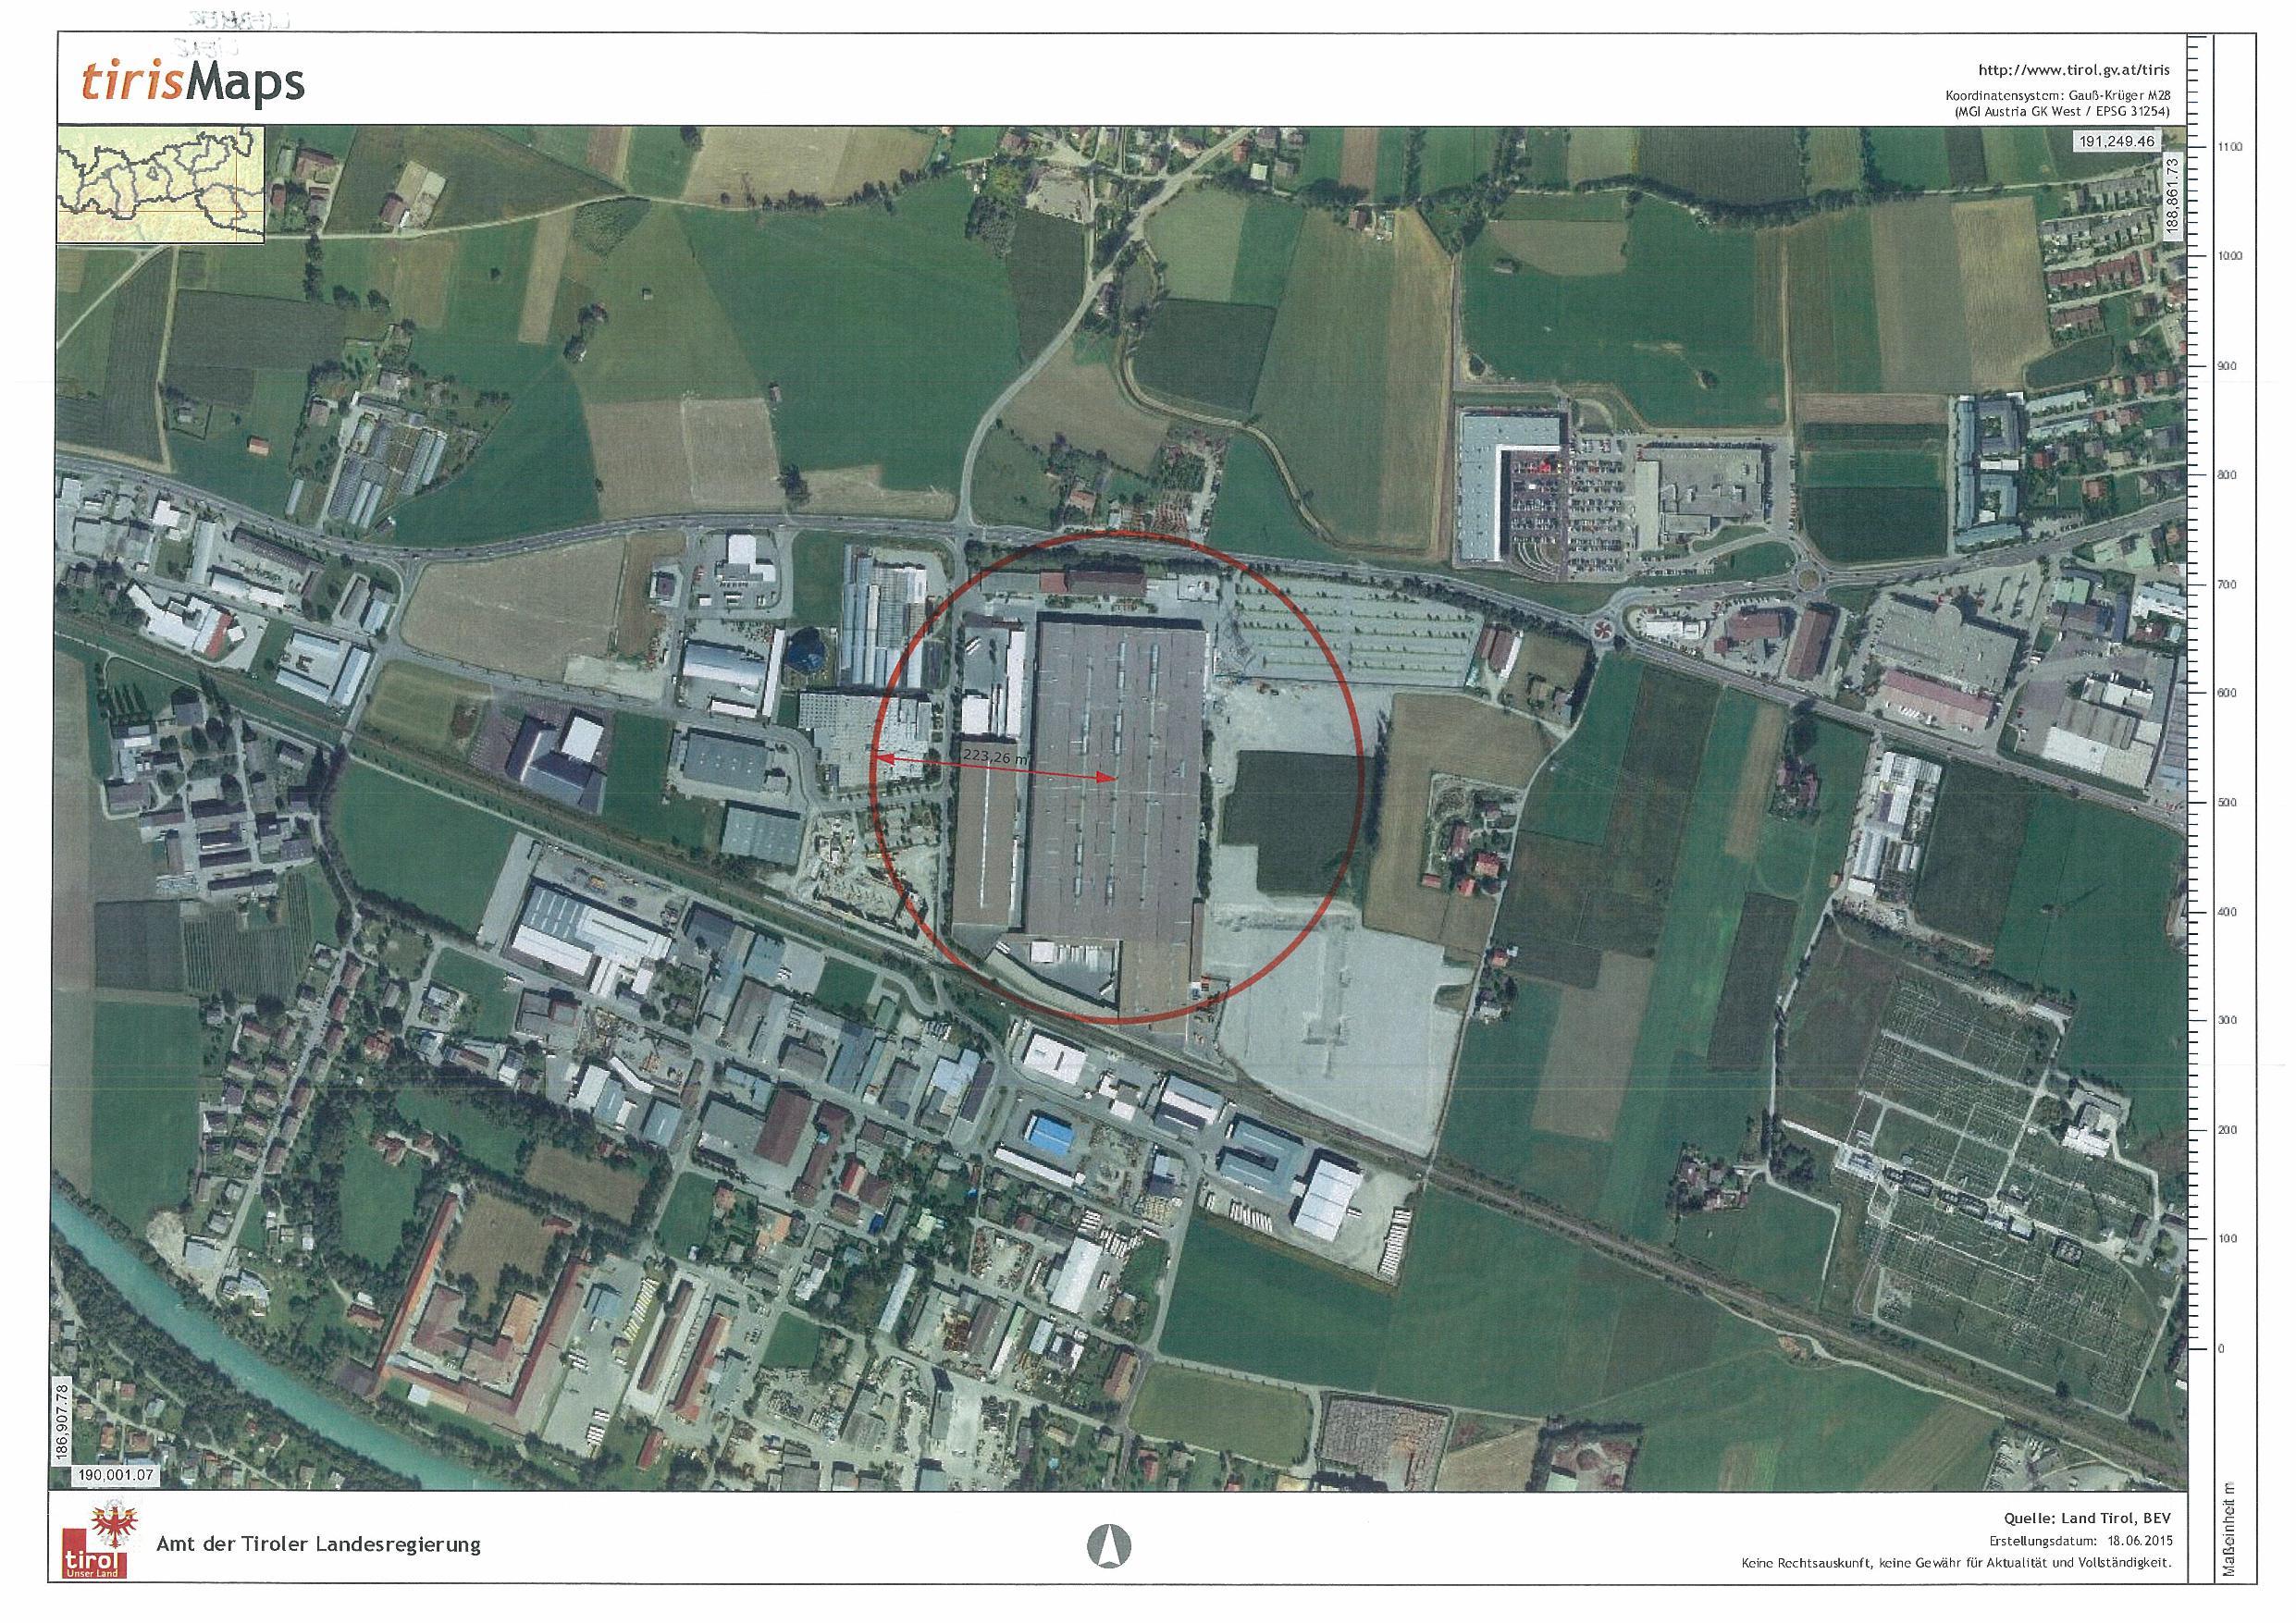 Gfährdungszone des Seveso-Betriebs Liebherr in Lienz